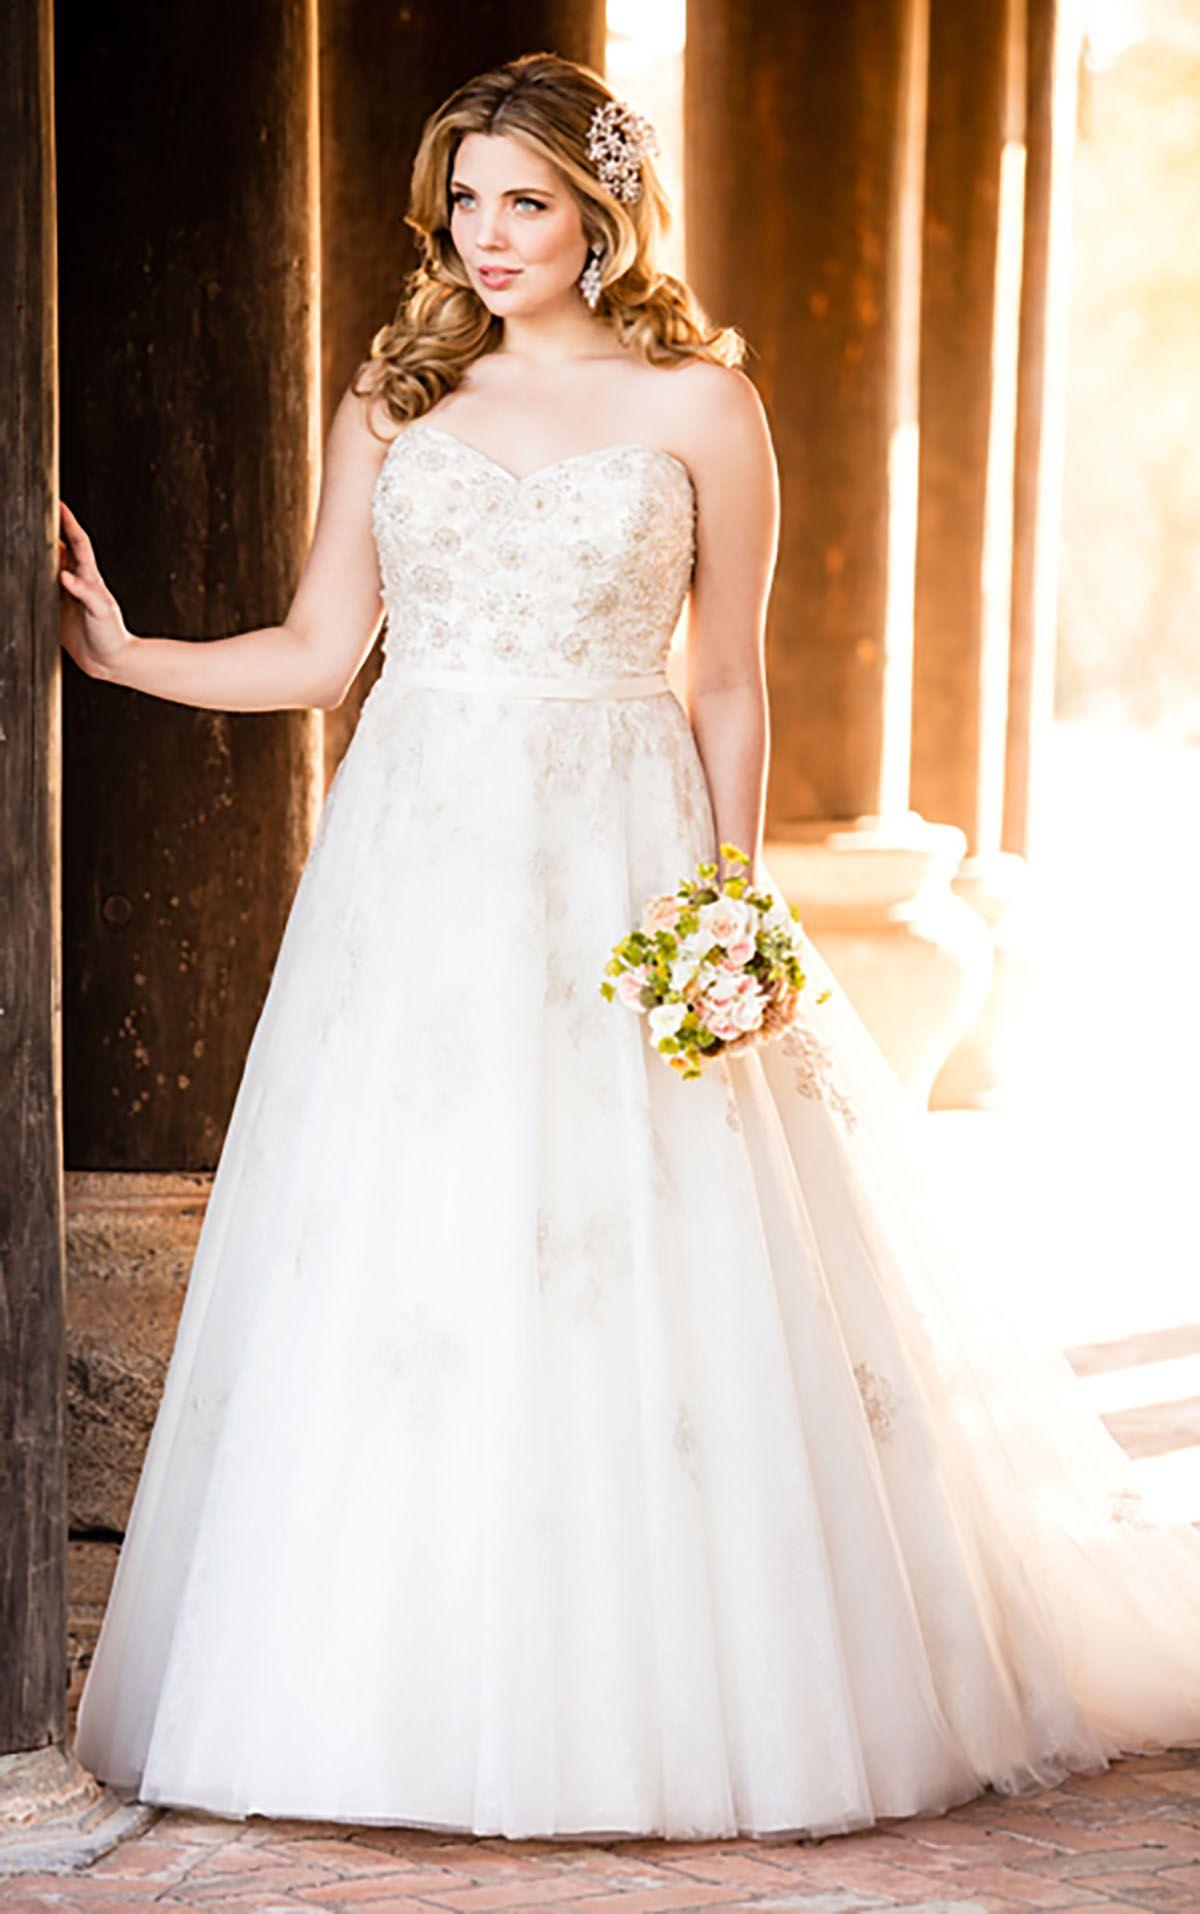 Silber-Brautkleid In Großen  Brautkleid empire stil, Silberne